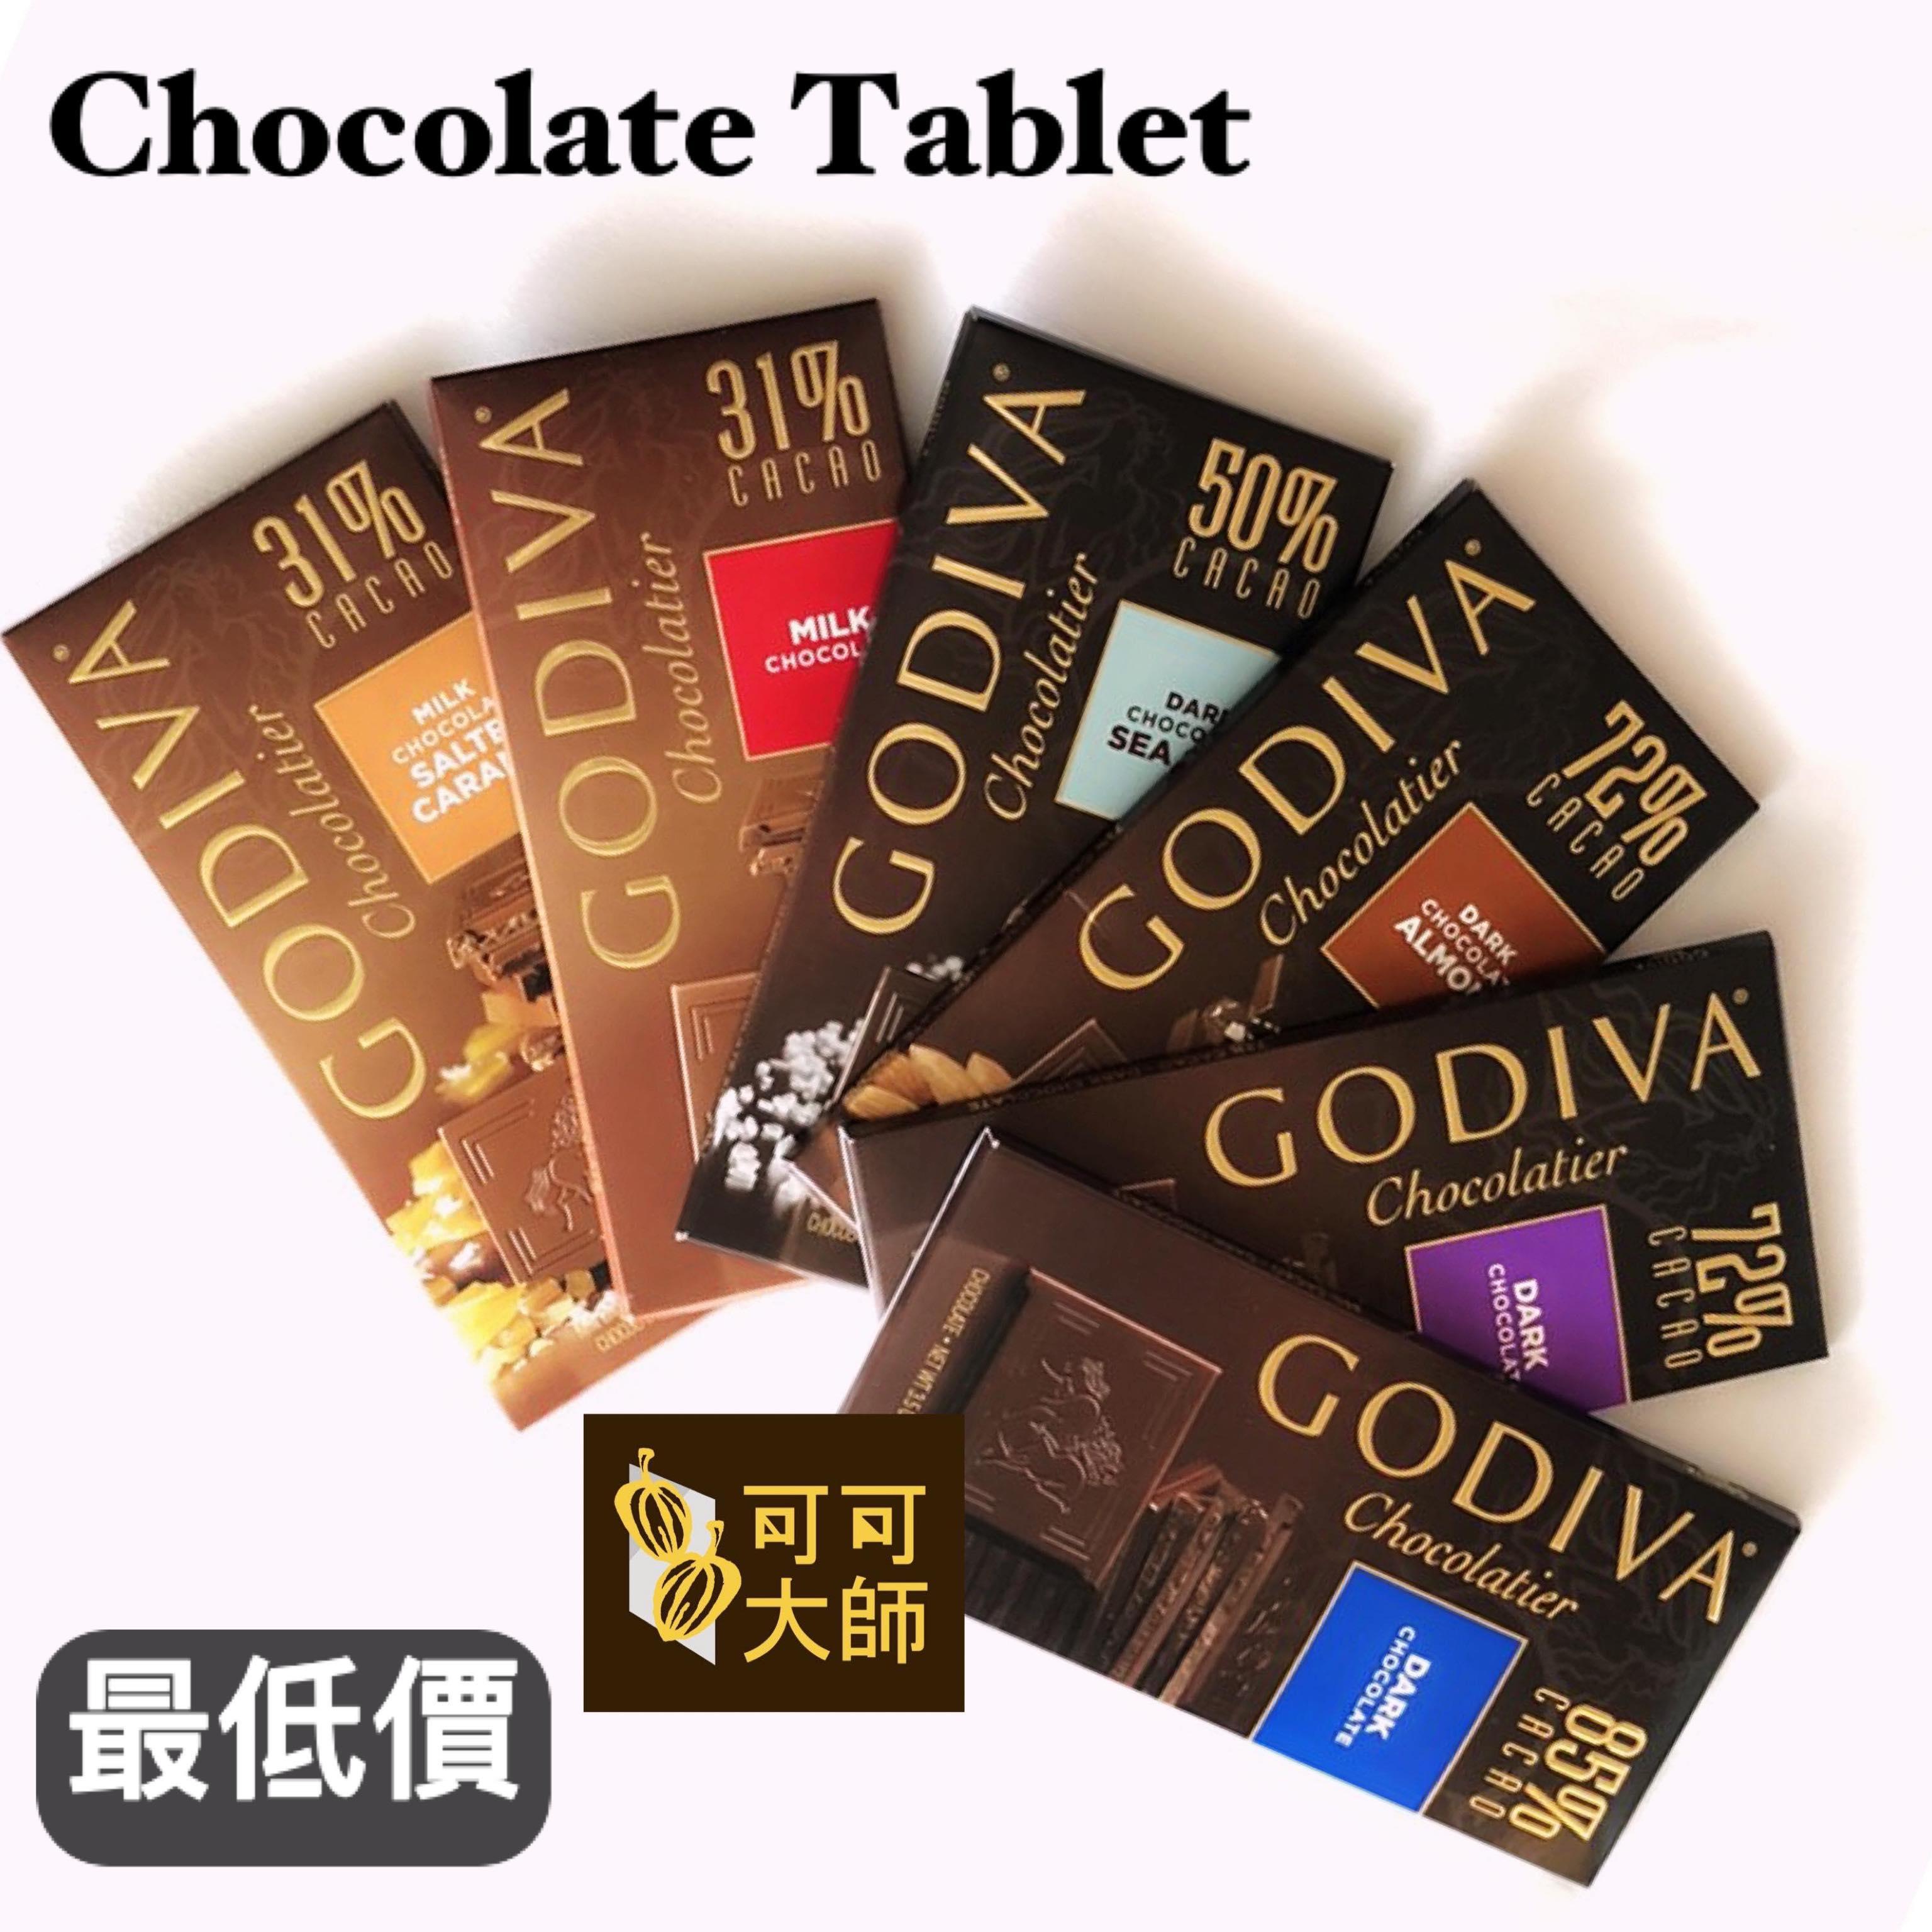 《現貨!》【可可大師】歐洲直送!三片特價限定組合!Godiva巧克力磚系列 (85%黑巧克力/72%黑巧克力/72%杏仁黑巧克力/50%海鹽黑巧克力/31%牛奶巧克力/31%焦糖海鹽牛奶巧克力)  巧